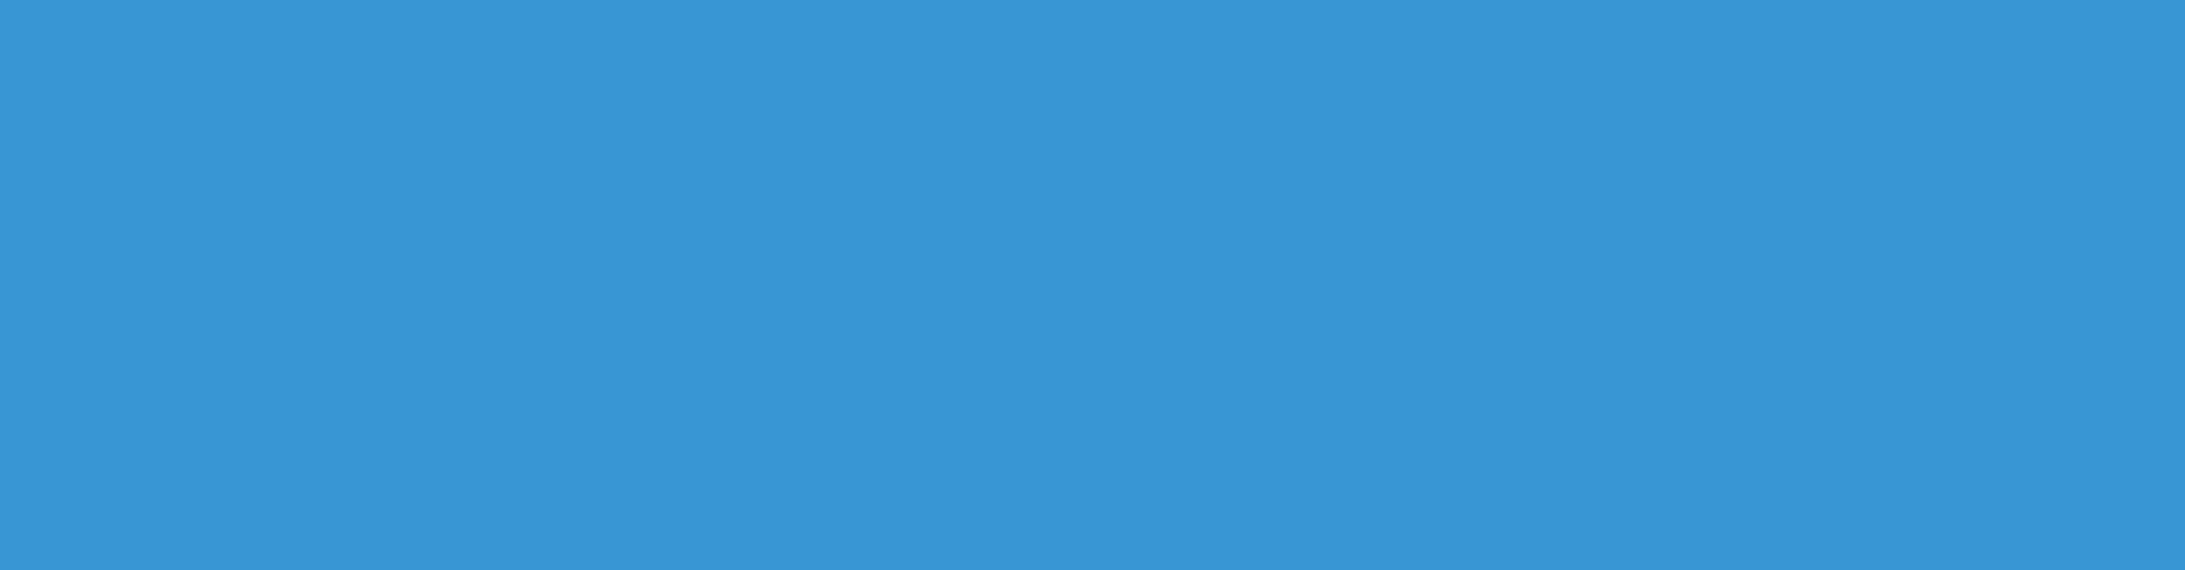 LawGeex Platform logo